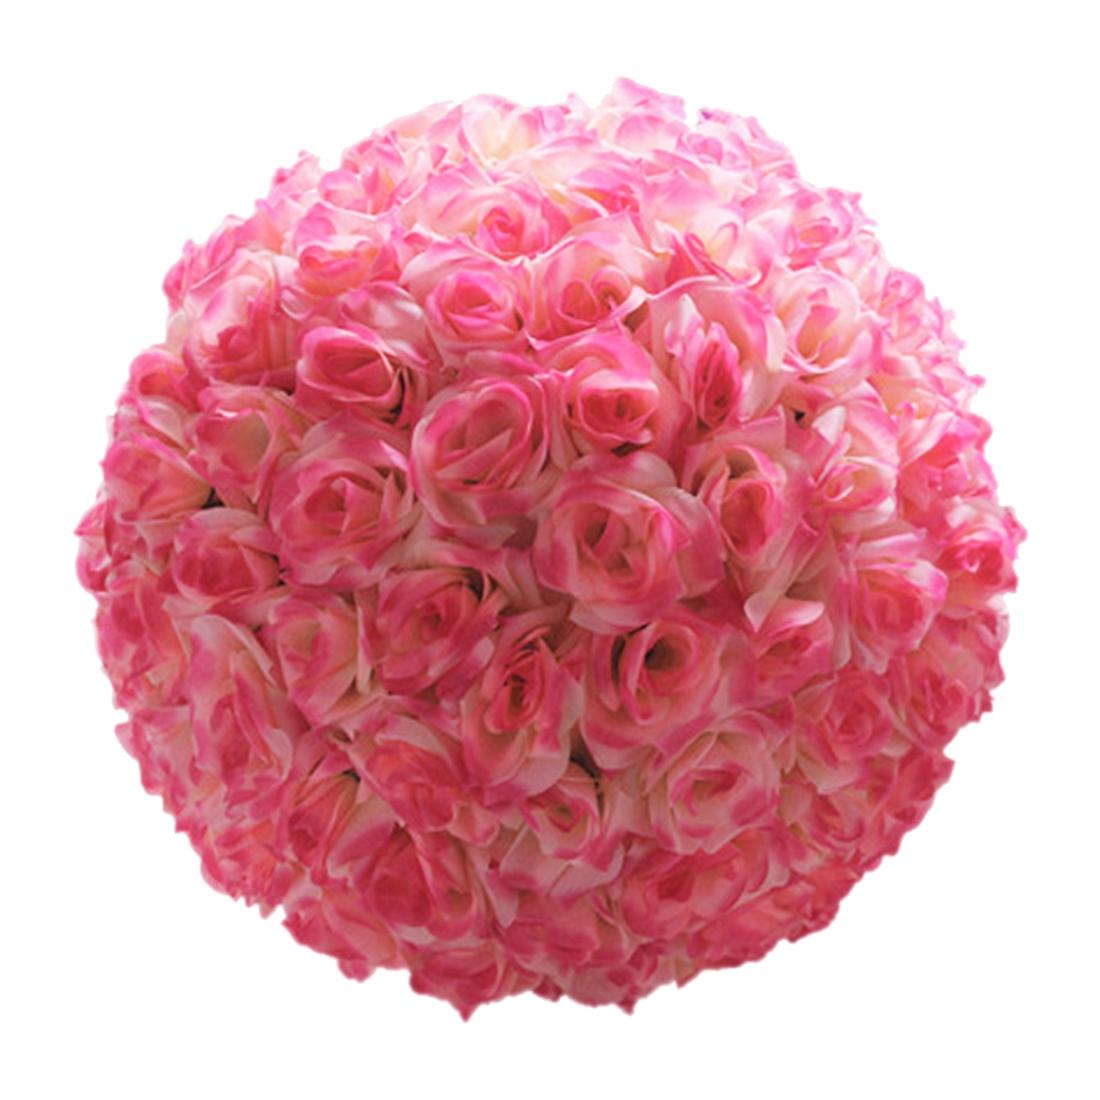 8 Quot 20cm Wedding Artificial Rose Silk Flower Ball Mint